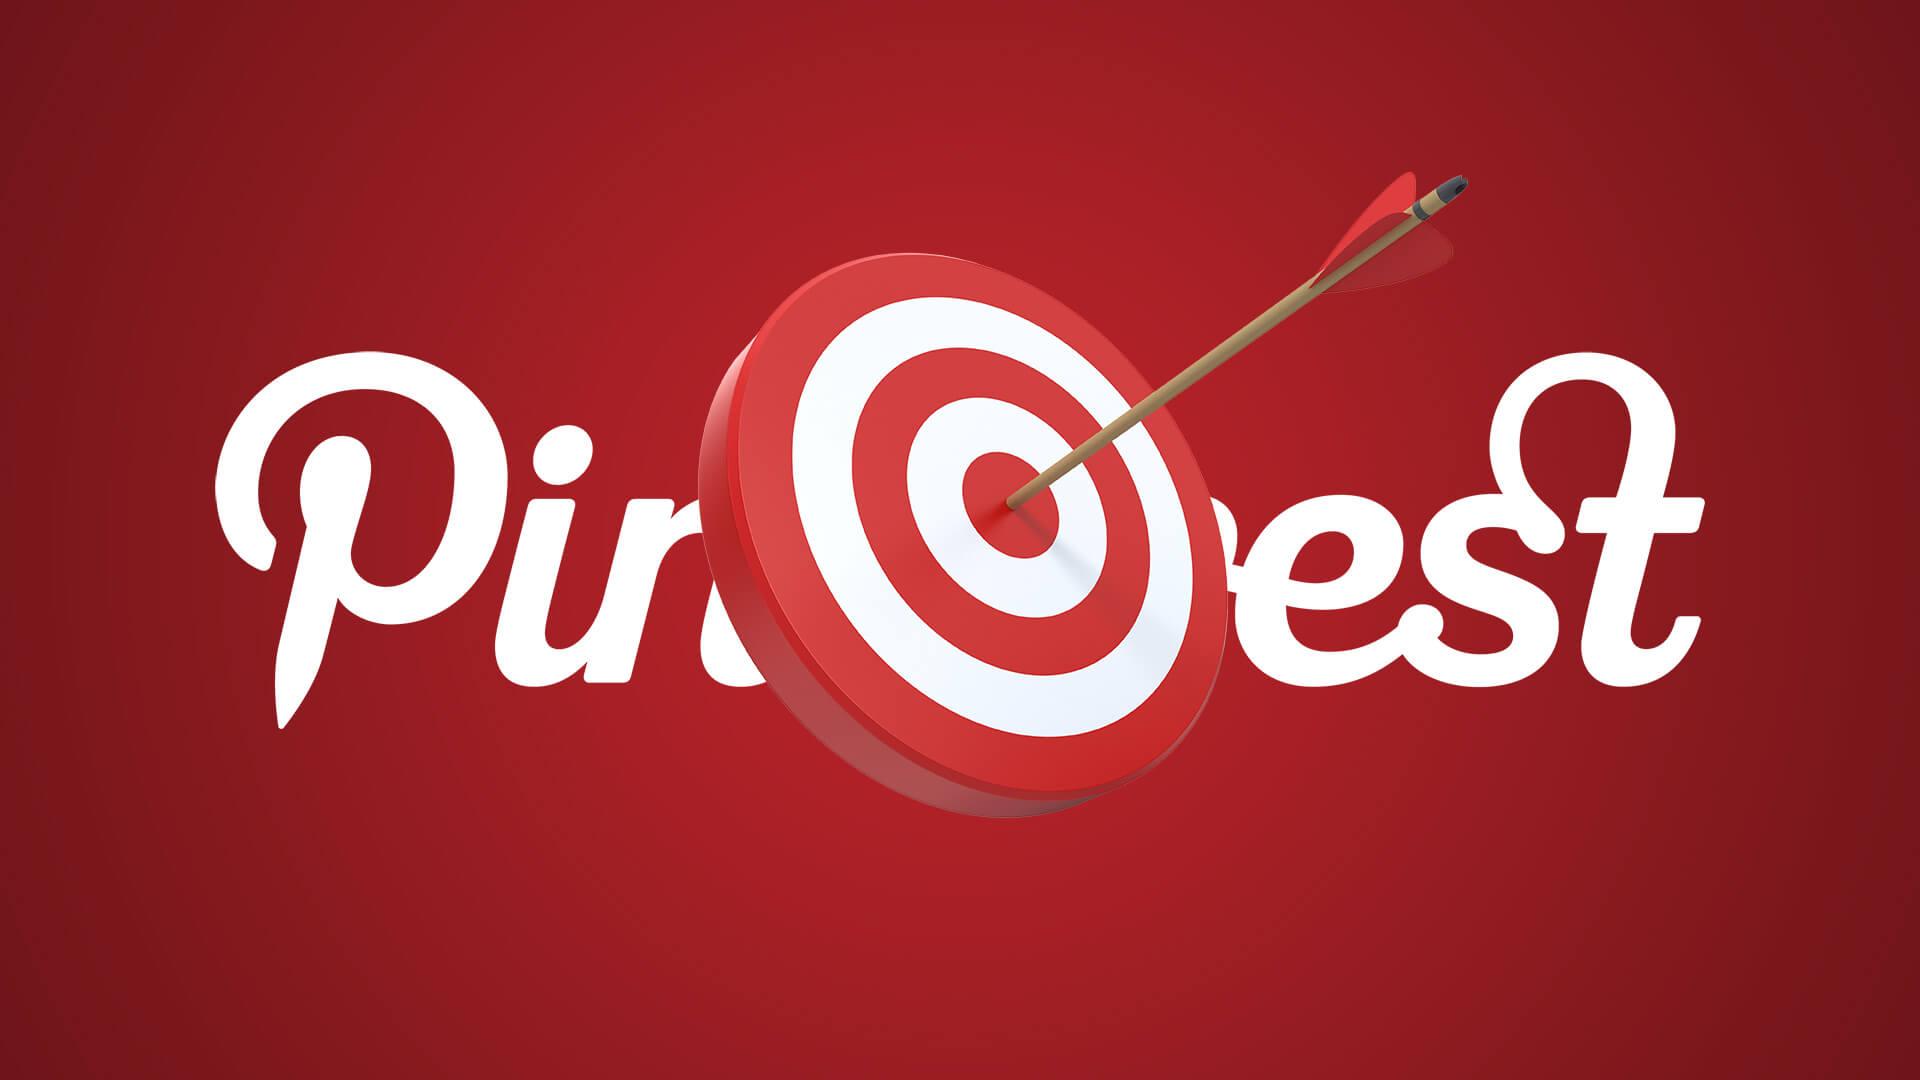 pinterest-ad-target-bullseye1-ss-1920.jp